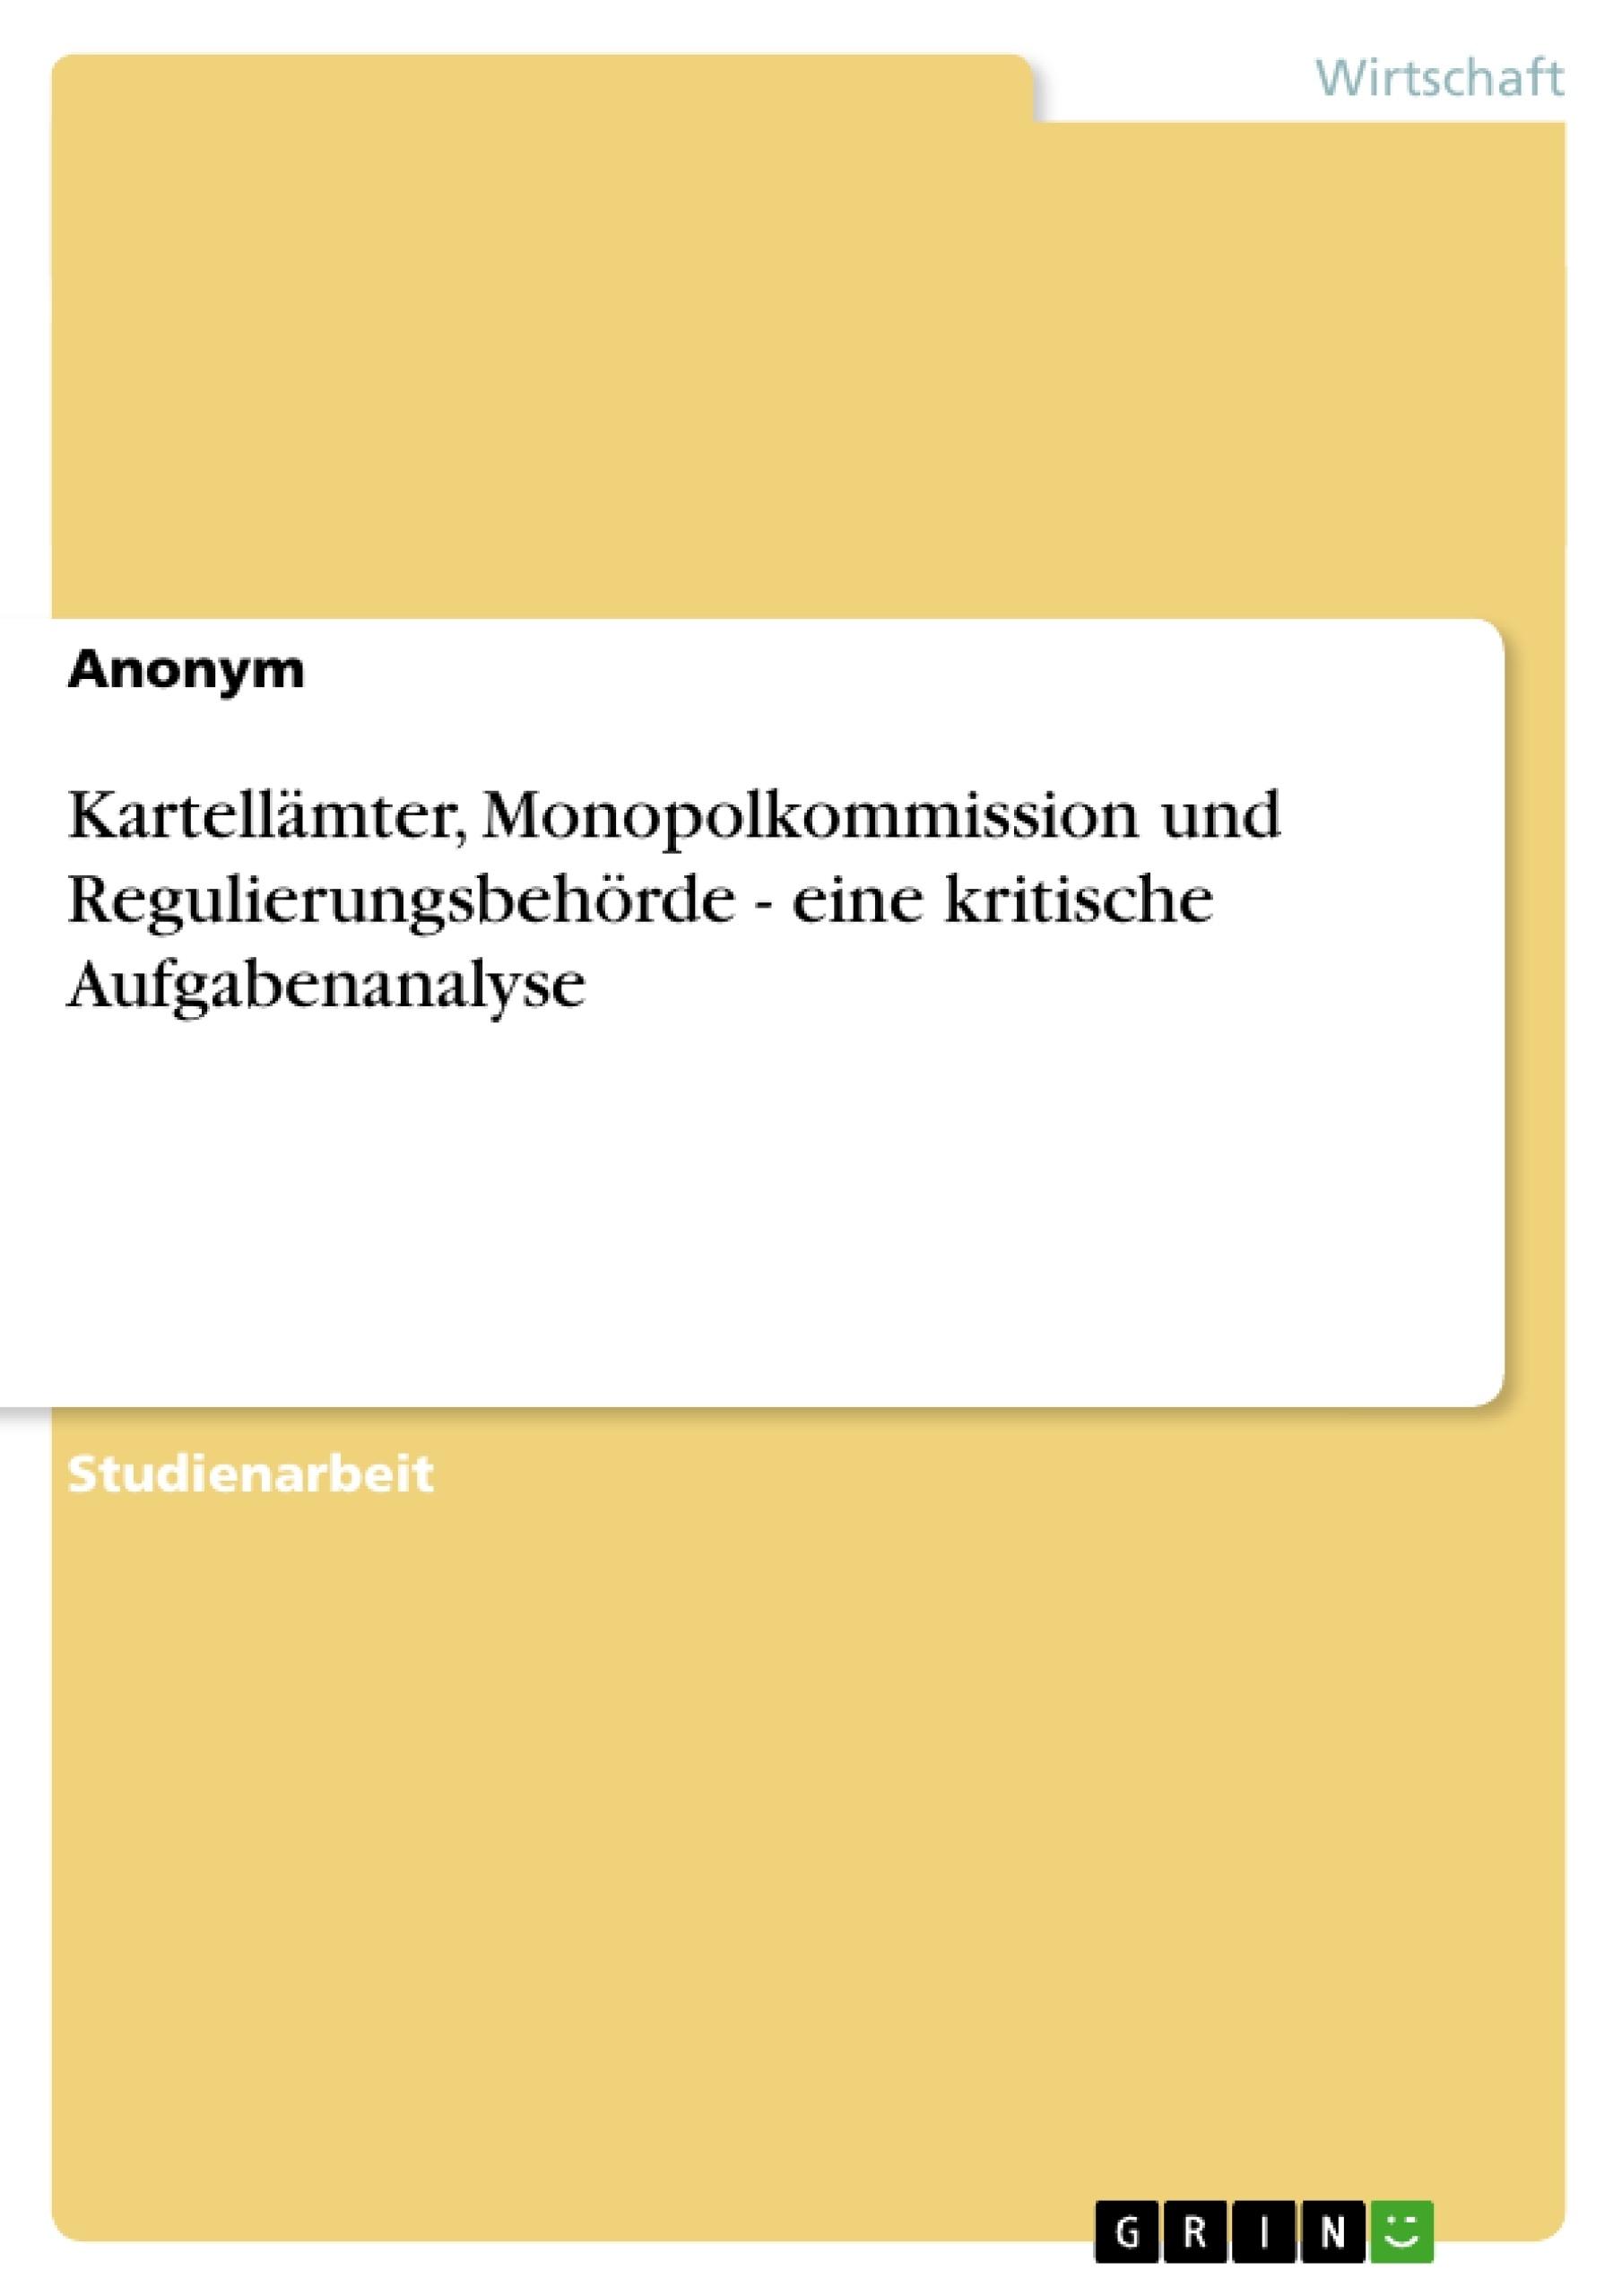 Titel: Kartellämter, Monopolkommission und Regulierungsbehörde - eine kritische Aufgabenanalyse